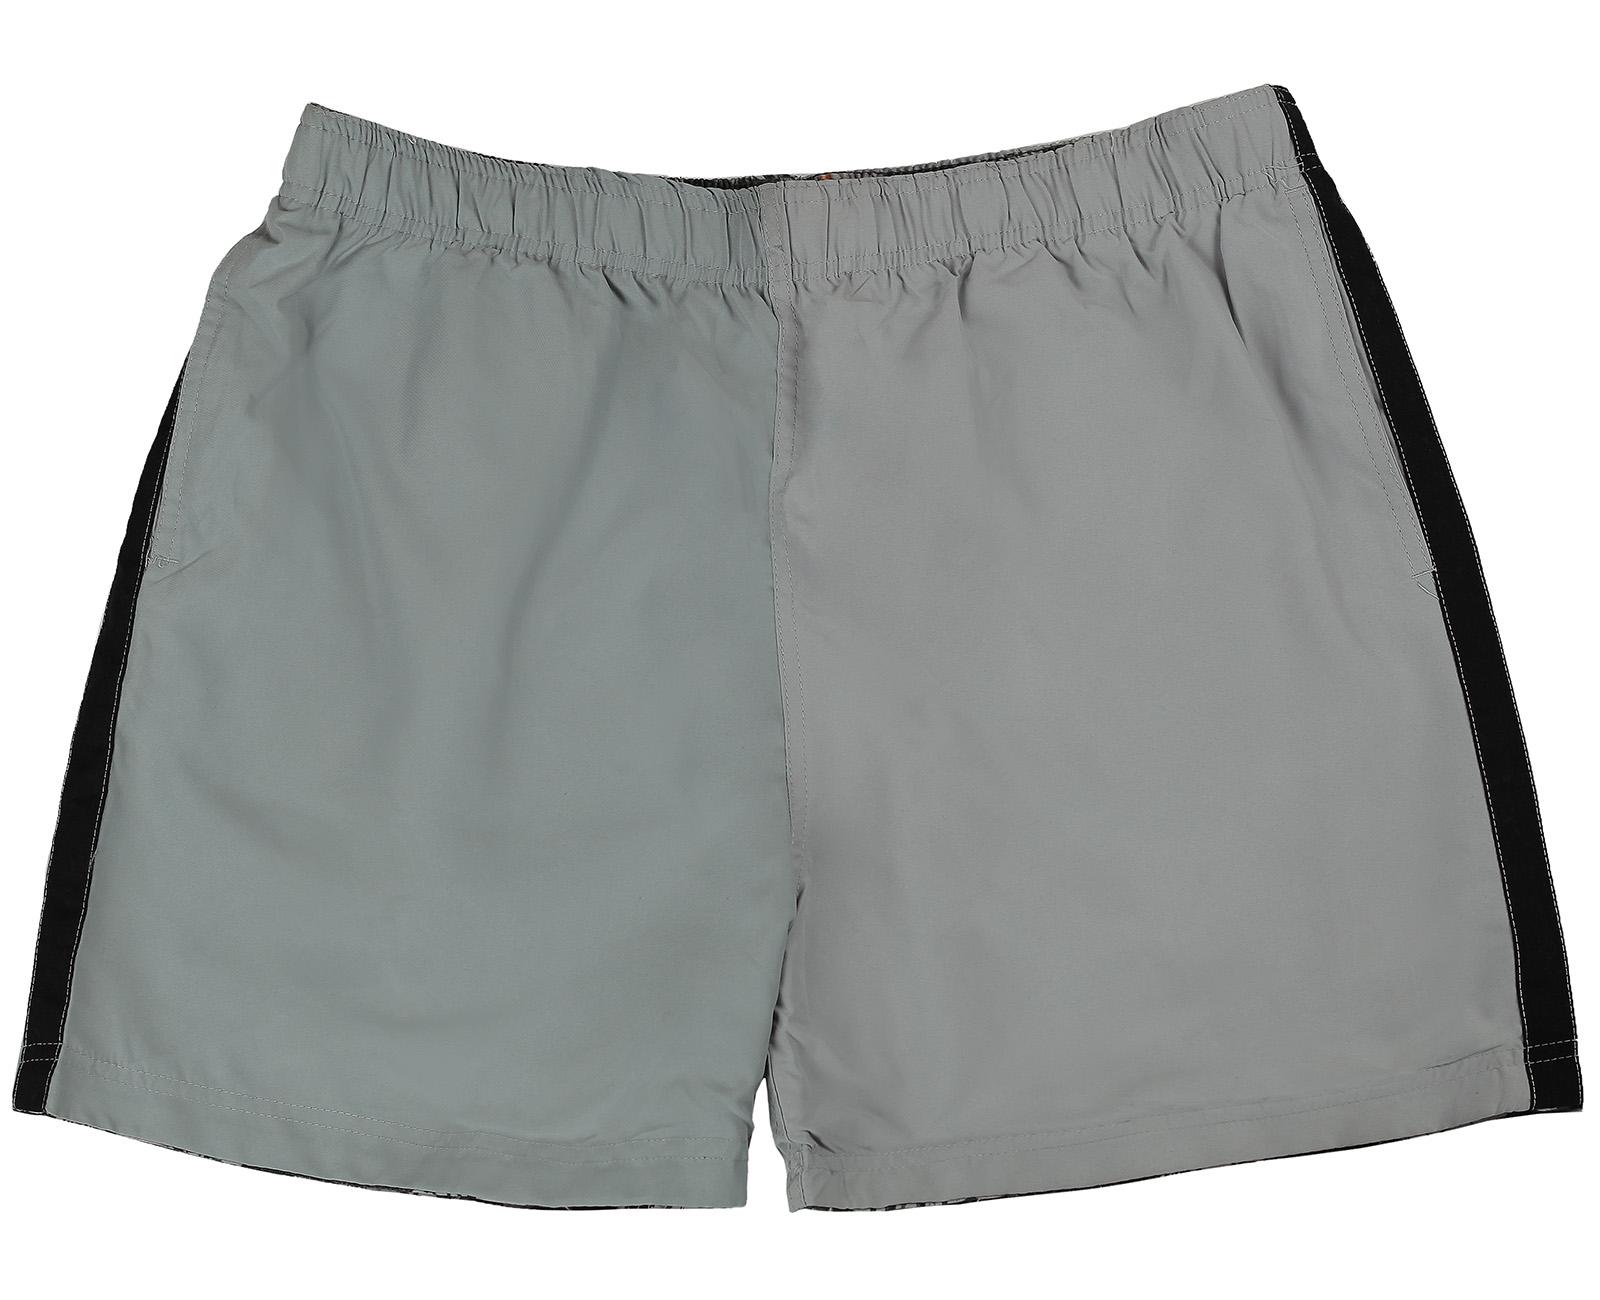 Мужские шорты двусторонние  - купить в интернет-магазине